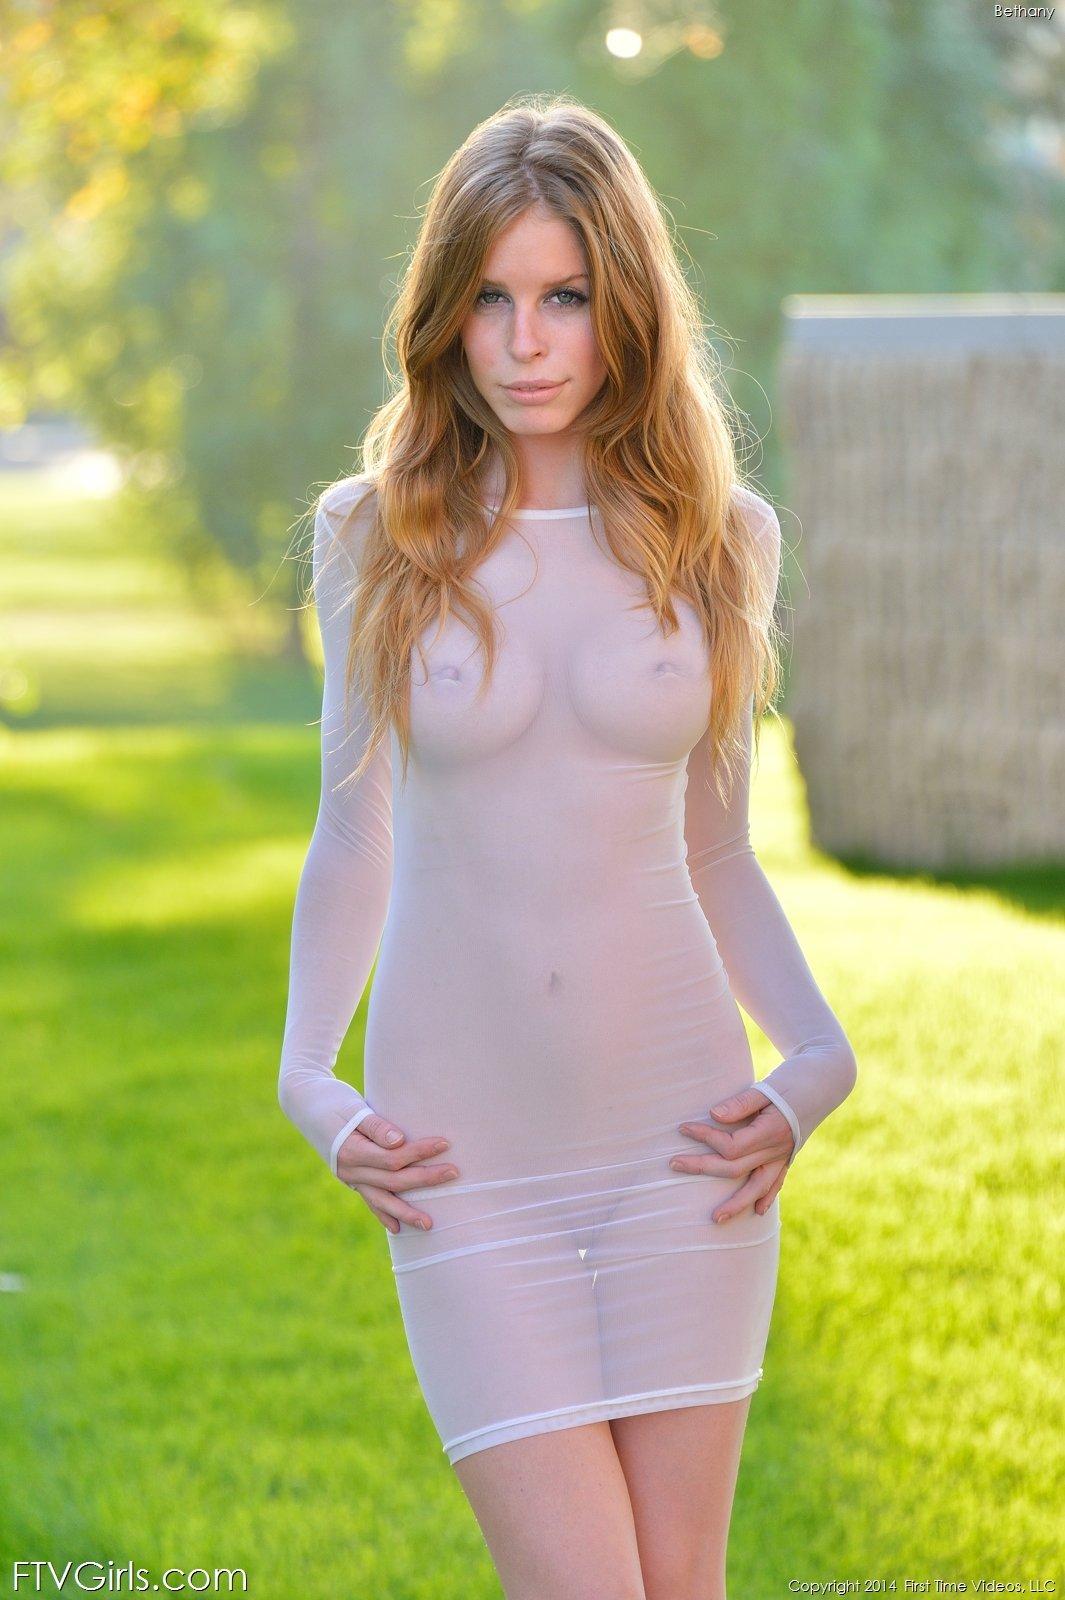 Zdjęcie porno - 02 1 - Prześwitująca sukienka